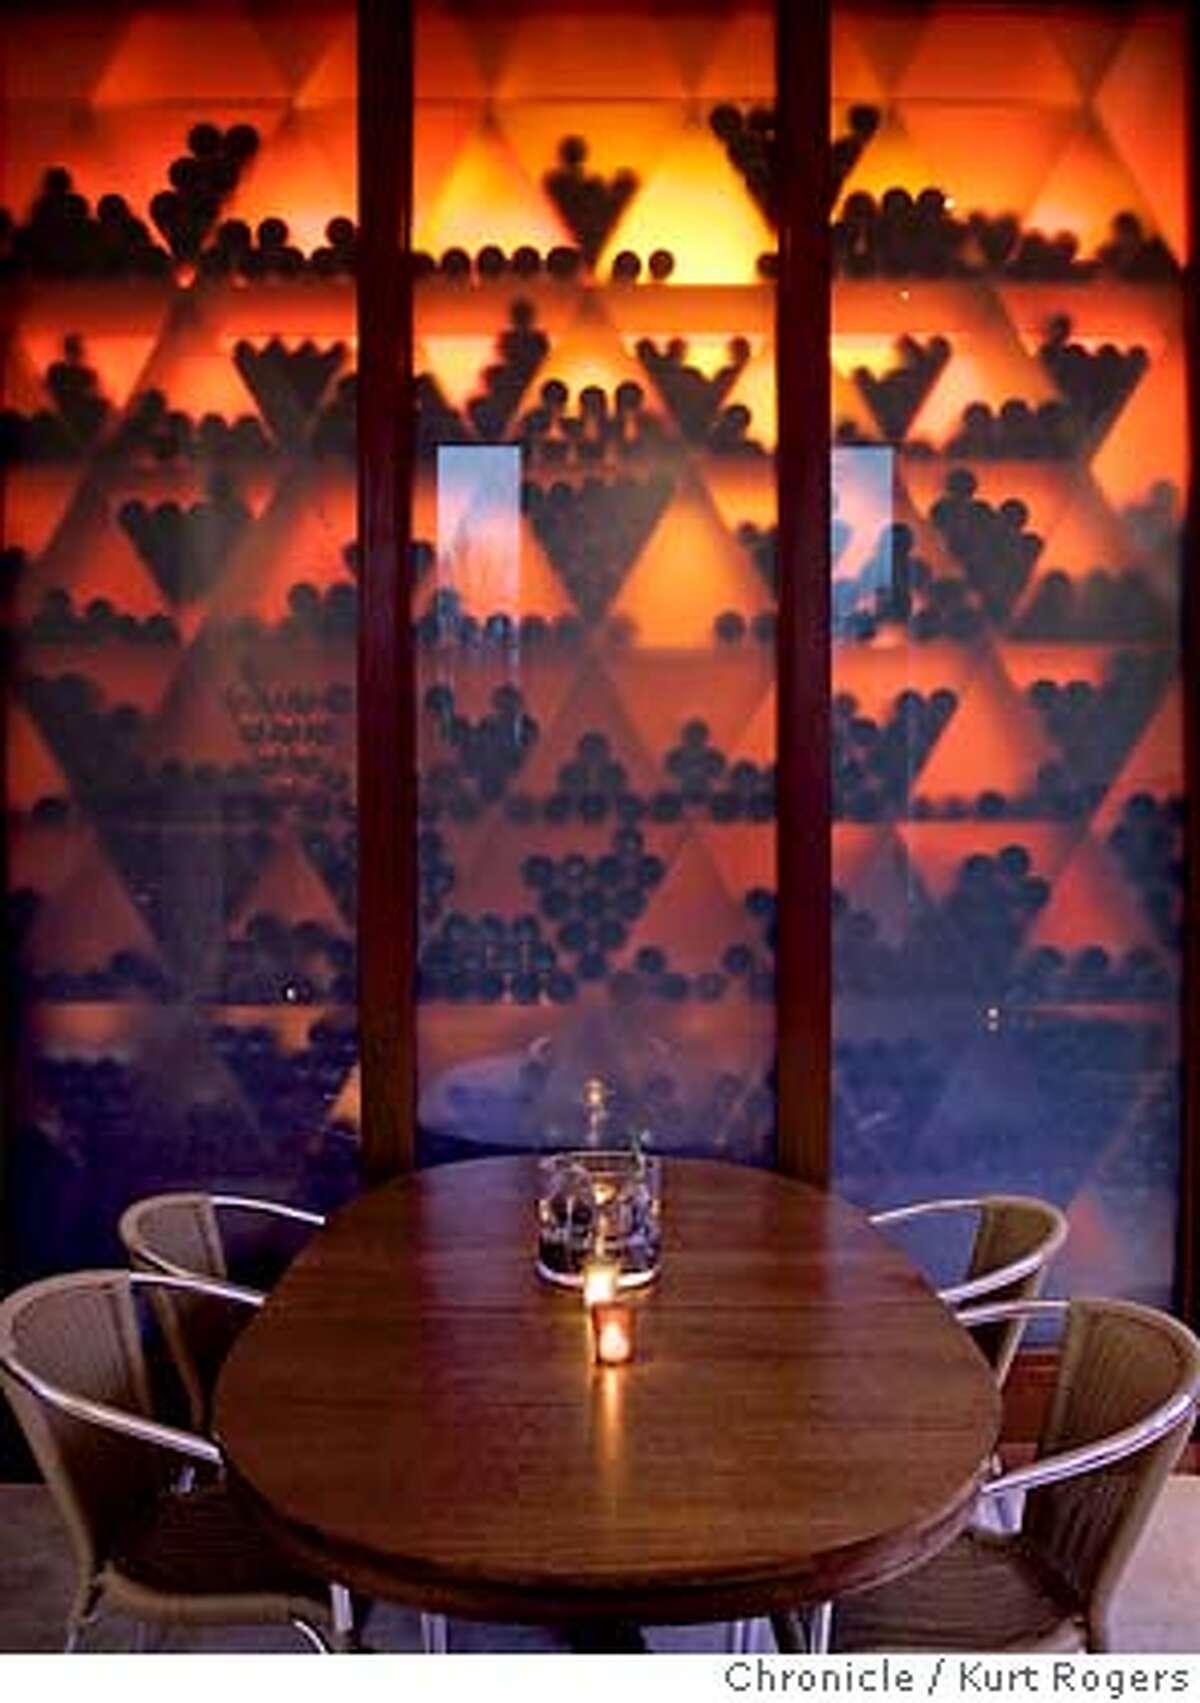 Barndiva a new restaurant/bar in Healdsburg that's shaped like a barn but is very stylish . 1/8/05 in Healdsburg,CA. KURT ROGERS/THE CHRONICLE